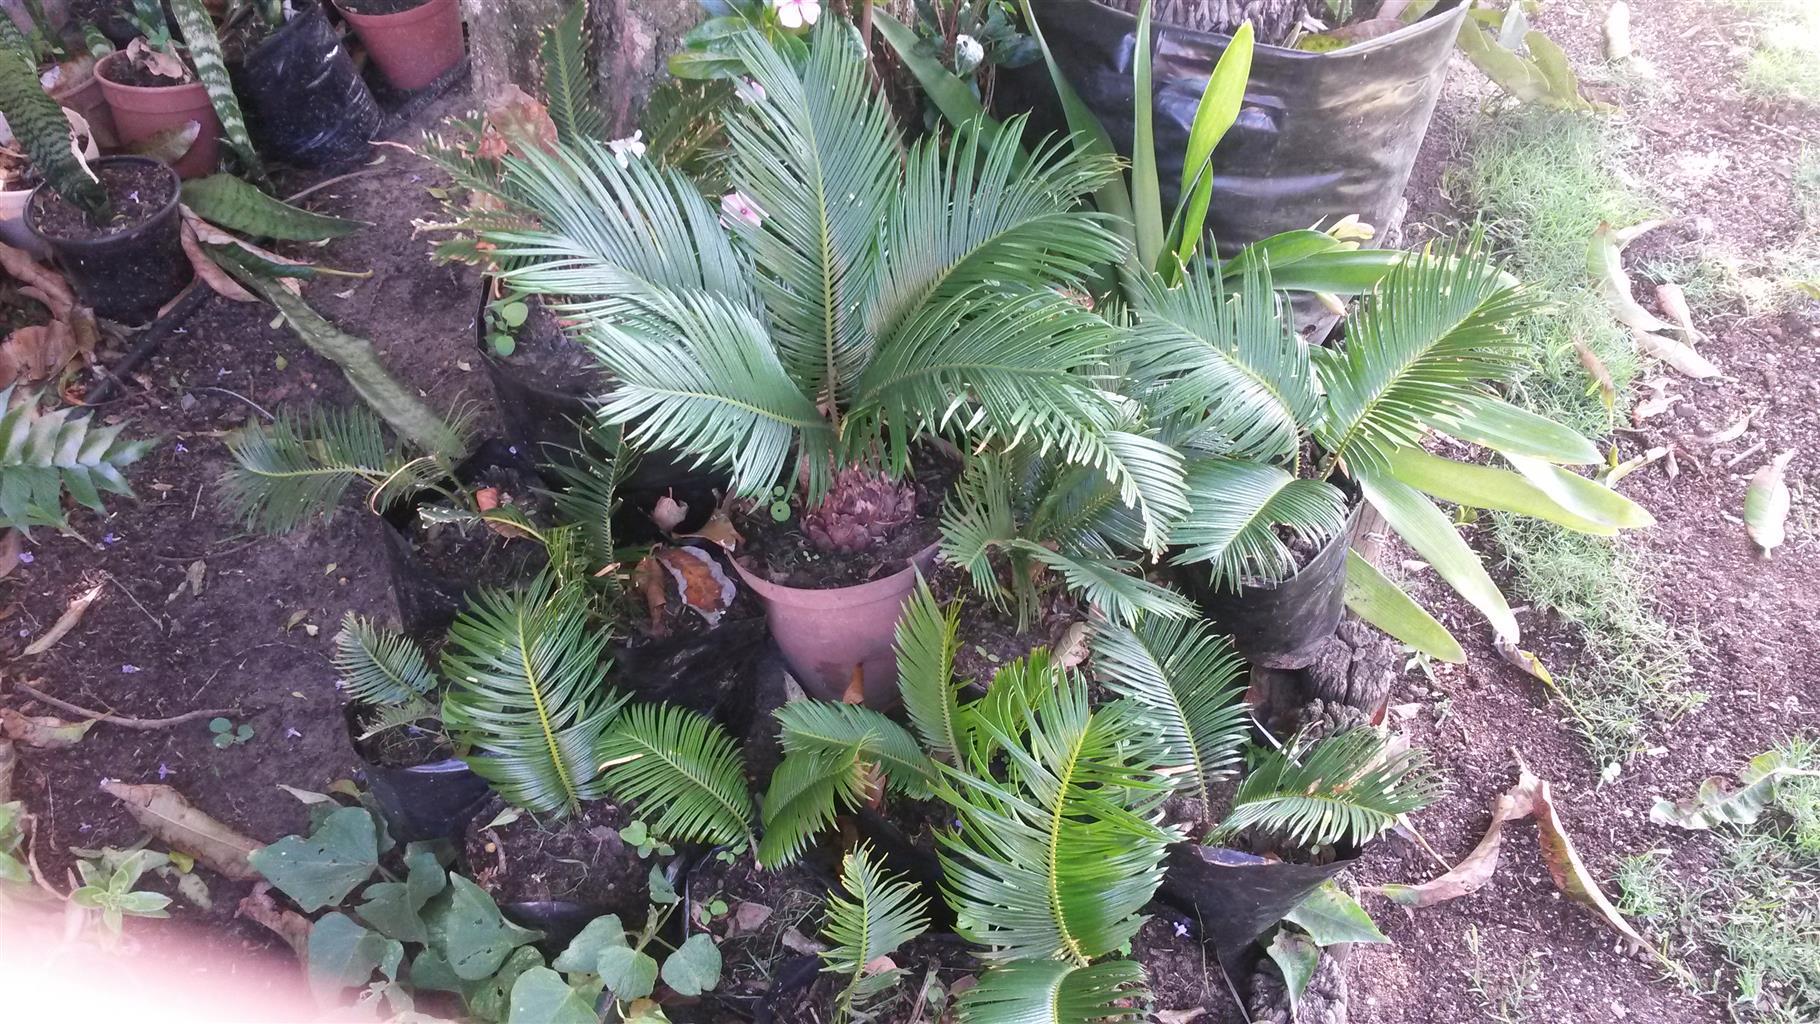 Pot plants for sale